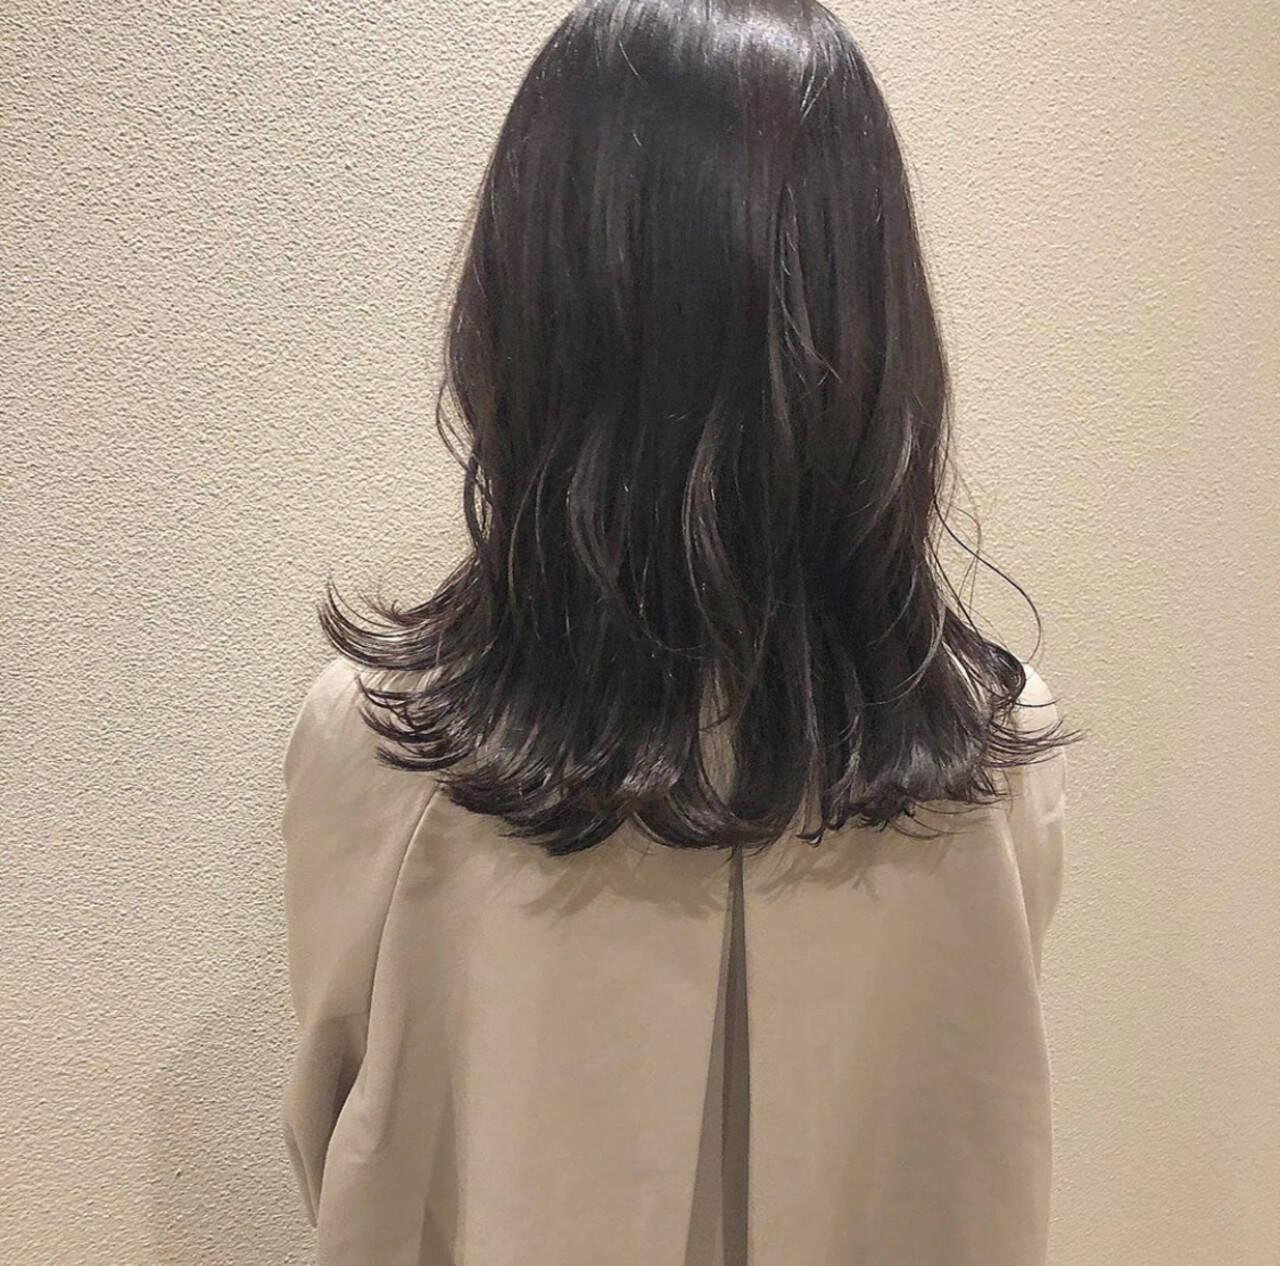 ナチュラル ダークカラー 暗色カラー セミロングヘアスタイルや髪型の写真・画像